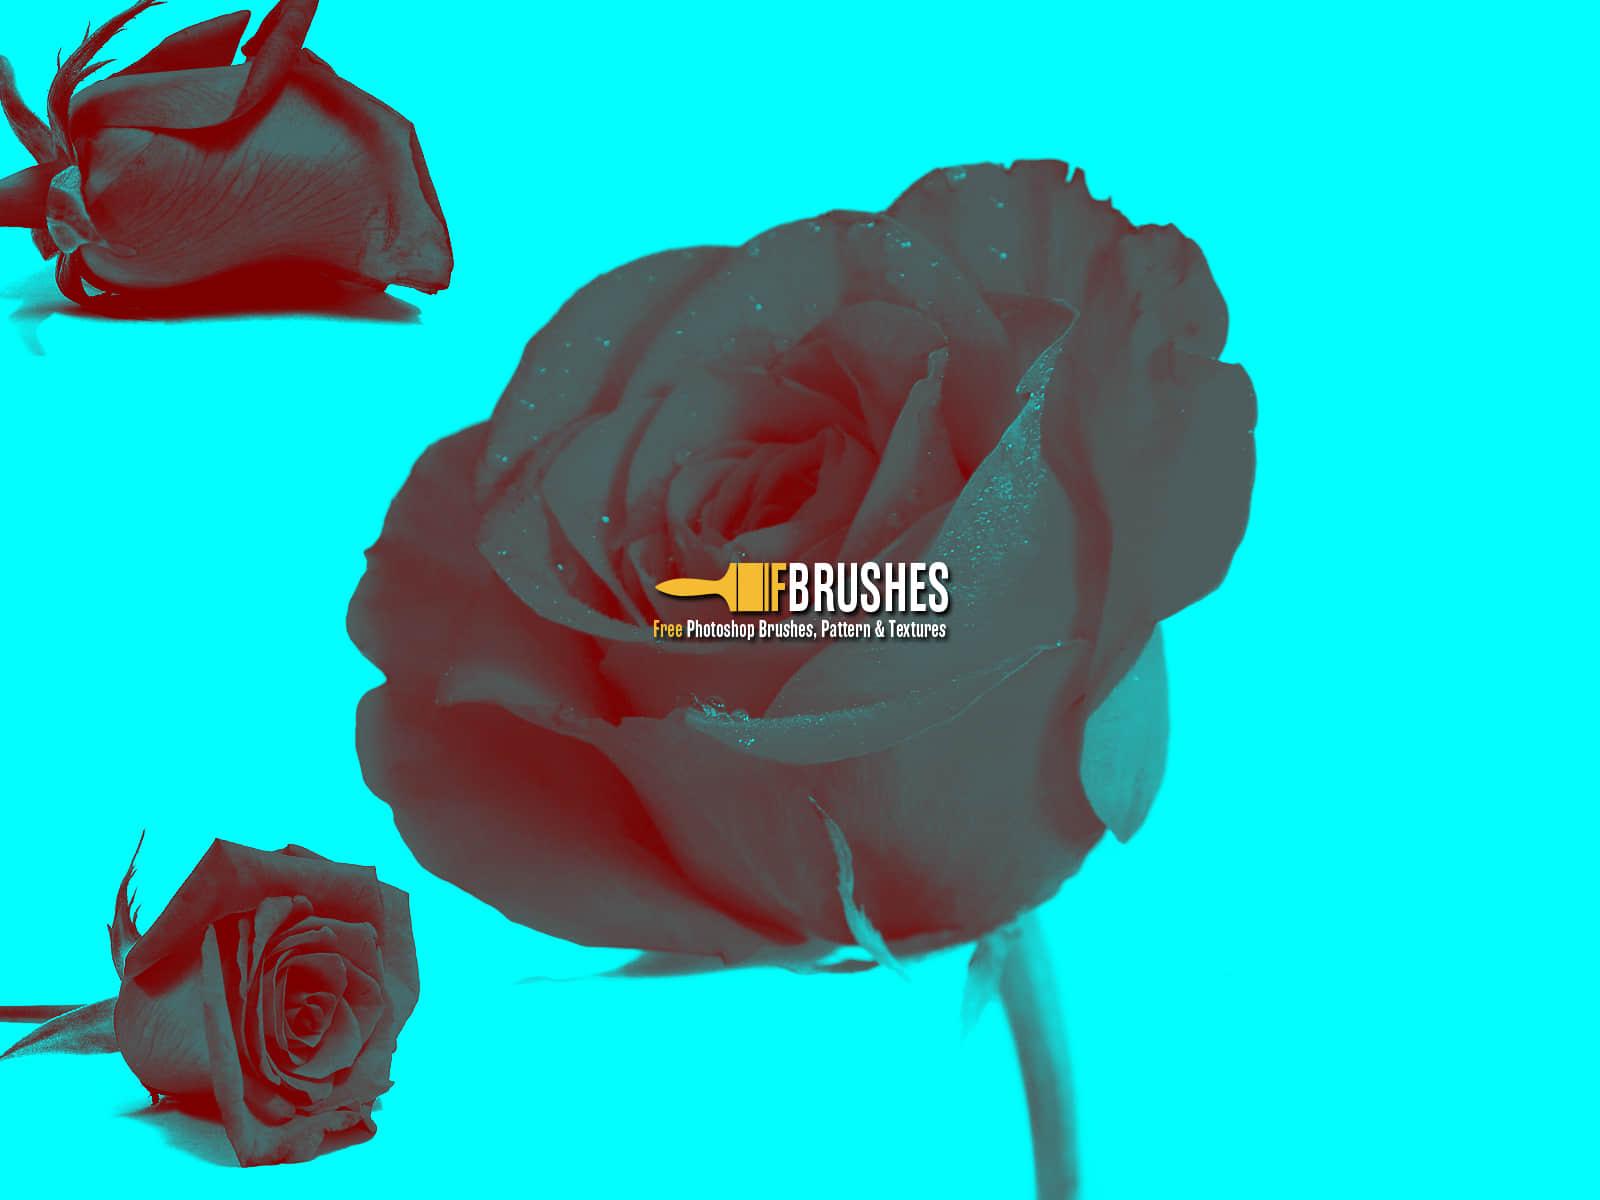 真实的玫瑰花鲜花Photoshop花朵笔刷 鲜花笔刷 花朵笔刷 玫瑰花笔刷  plants brushes